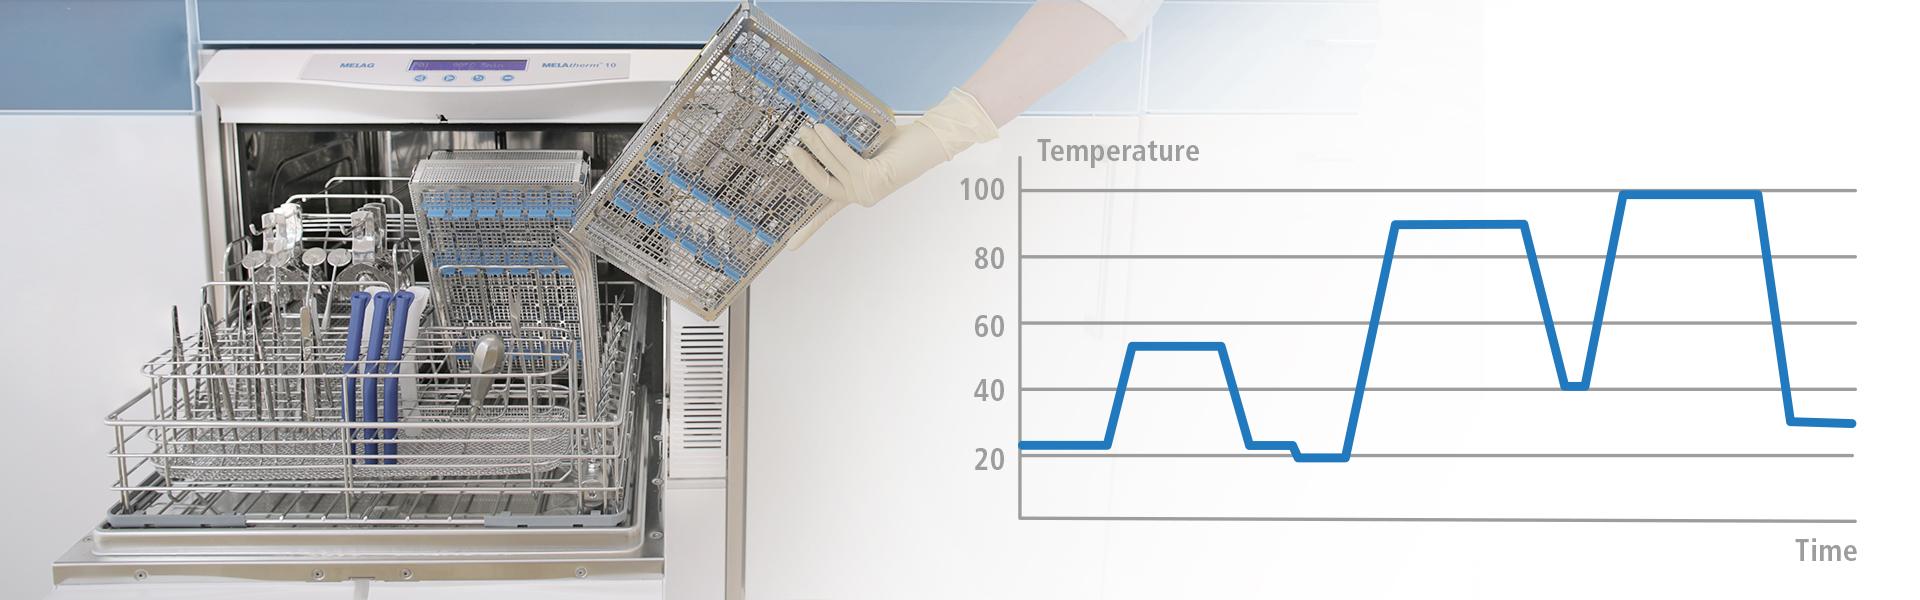 Proceso de limpieza y desinfección de la termodesinfectadora MELAtherm 10